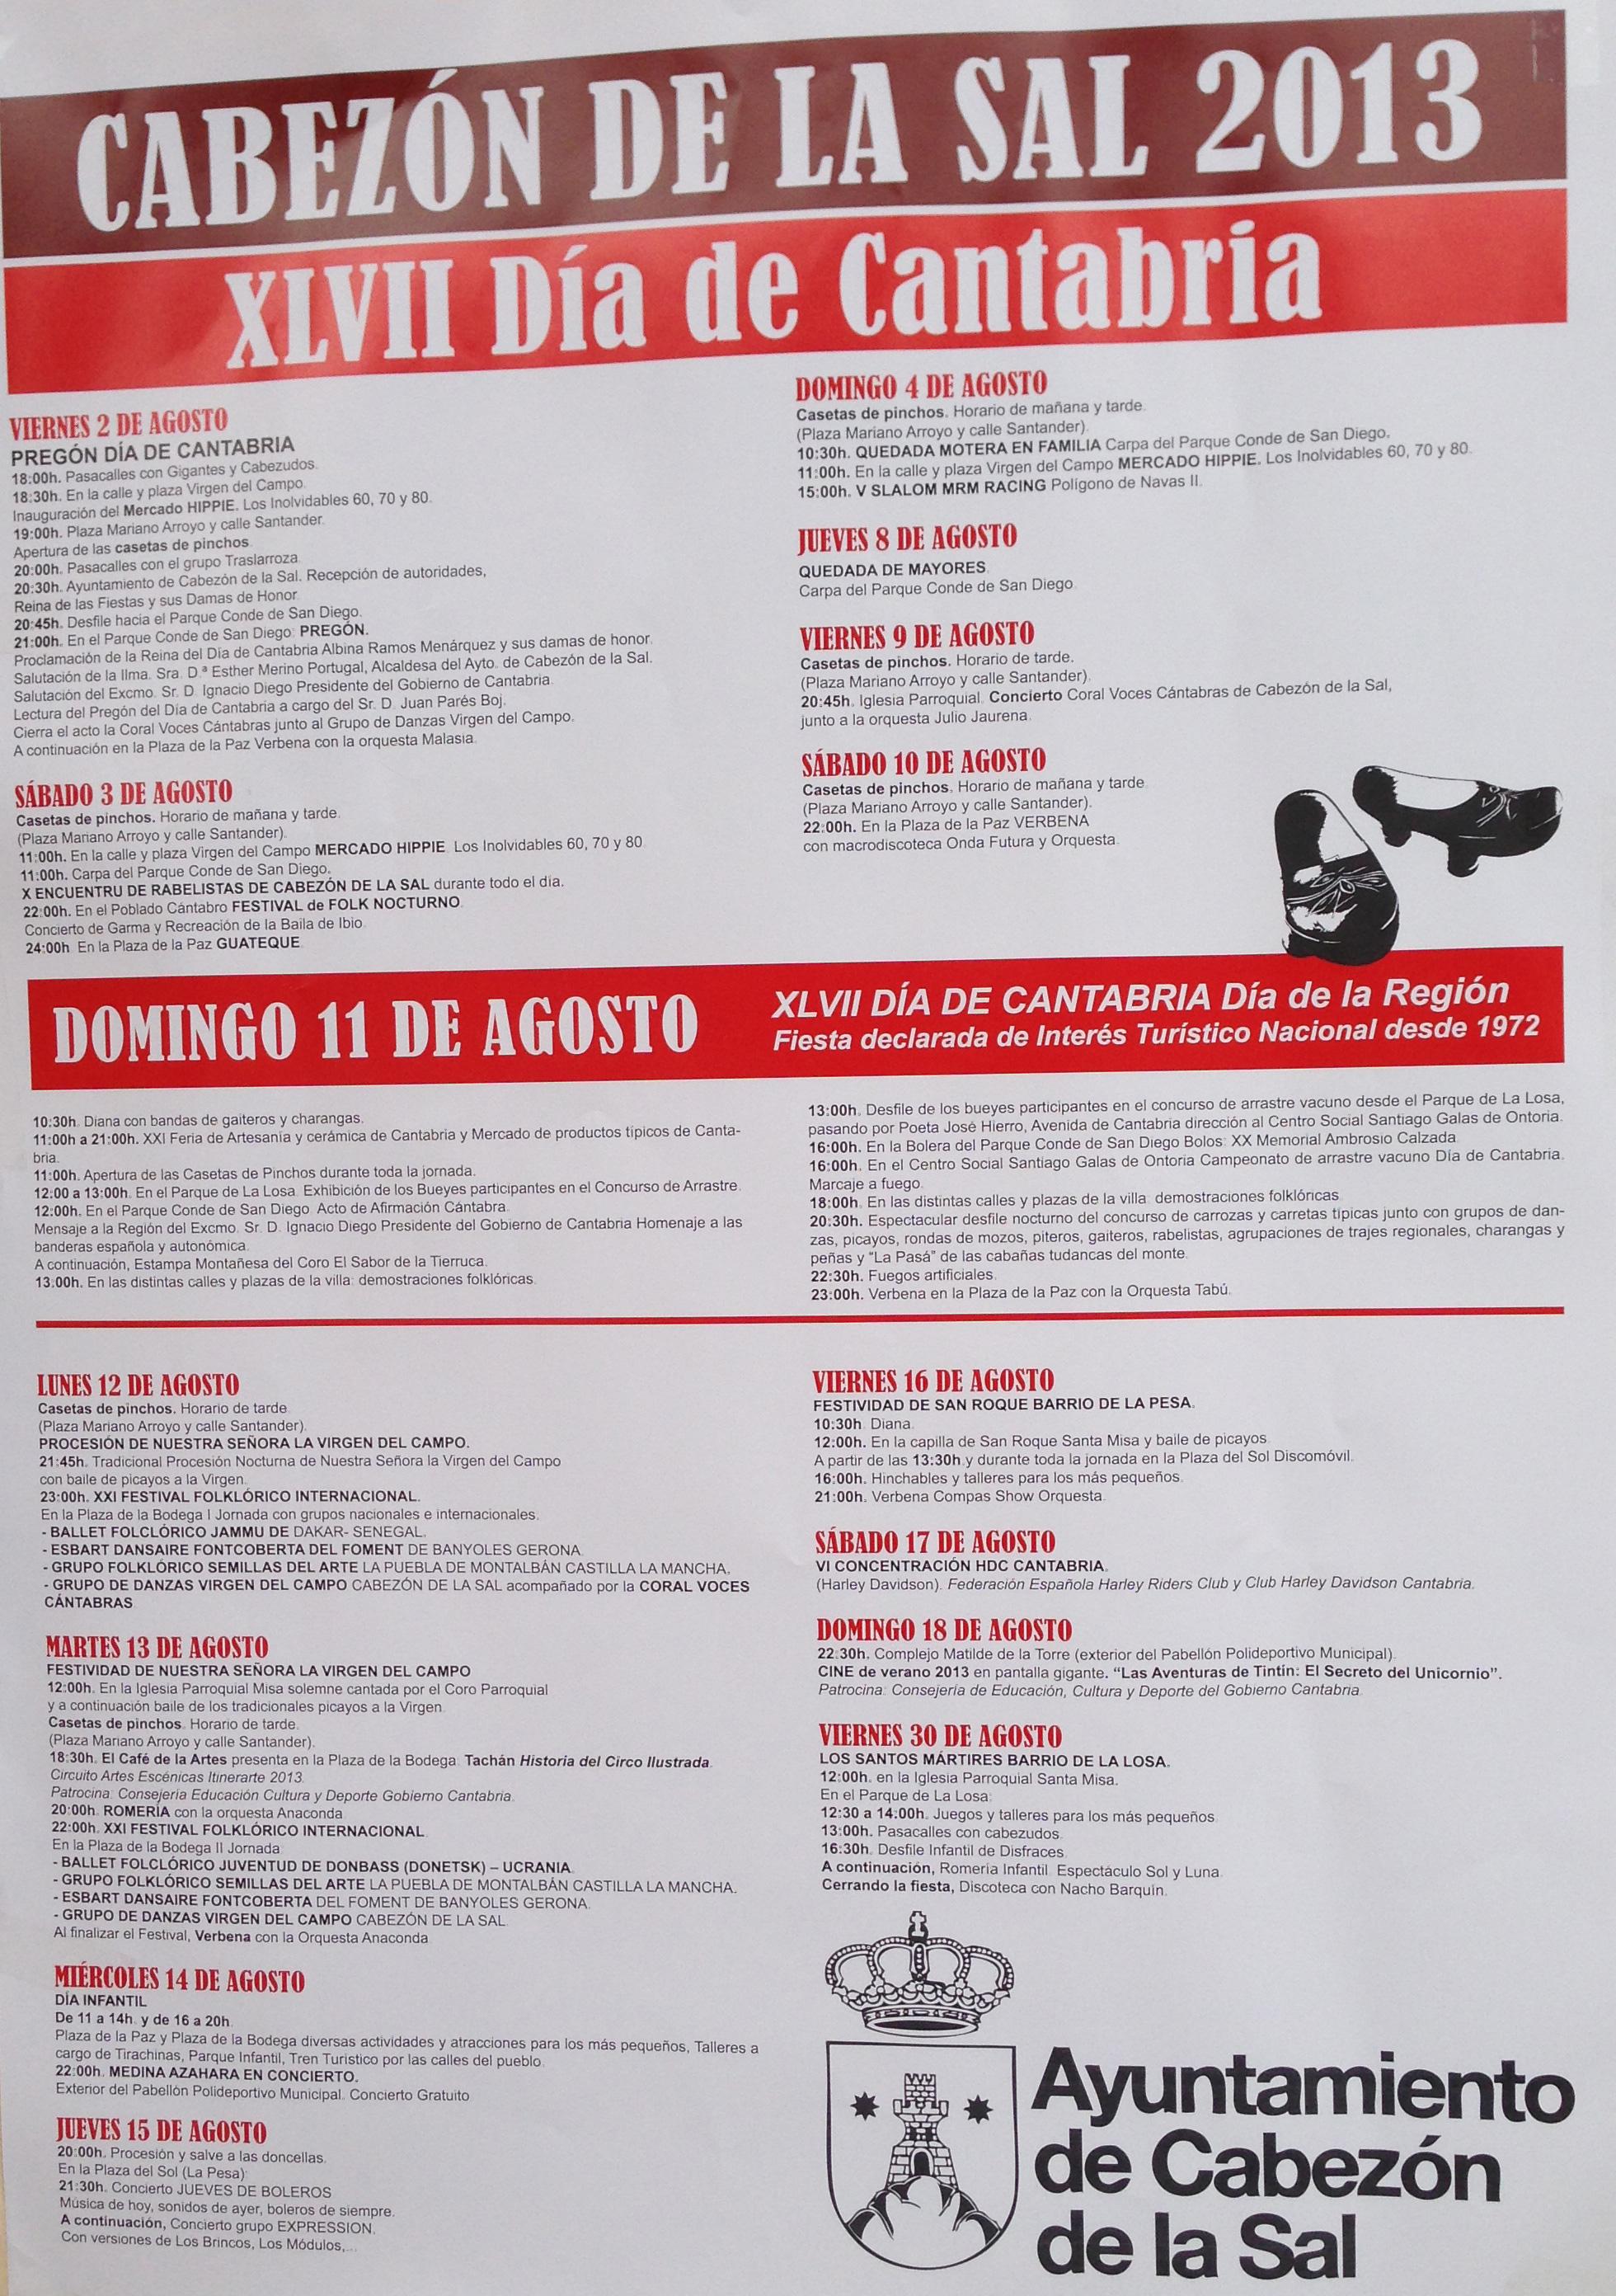 dia-de-cantabria-2013-cabezon-de-la-sal